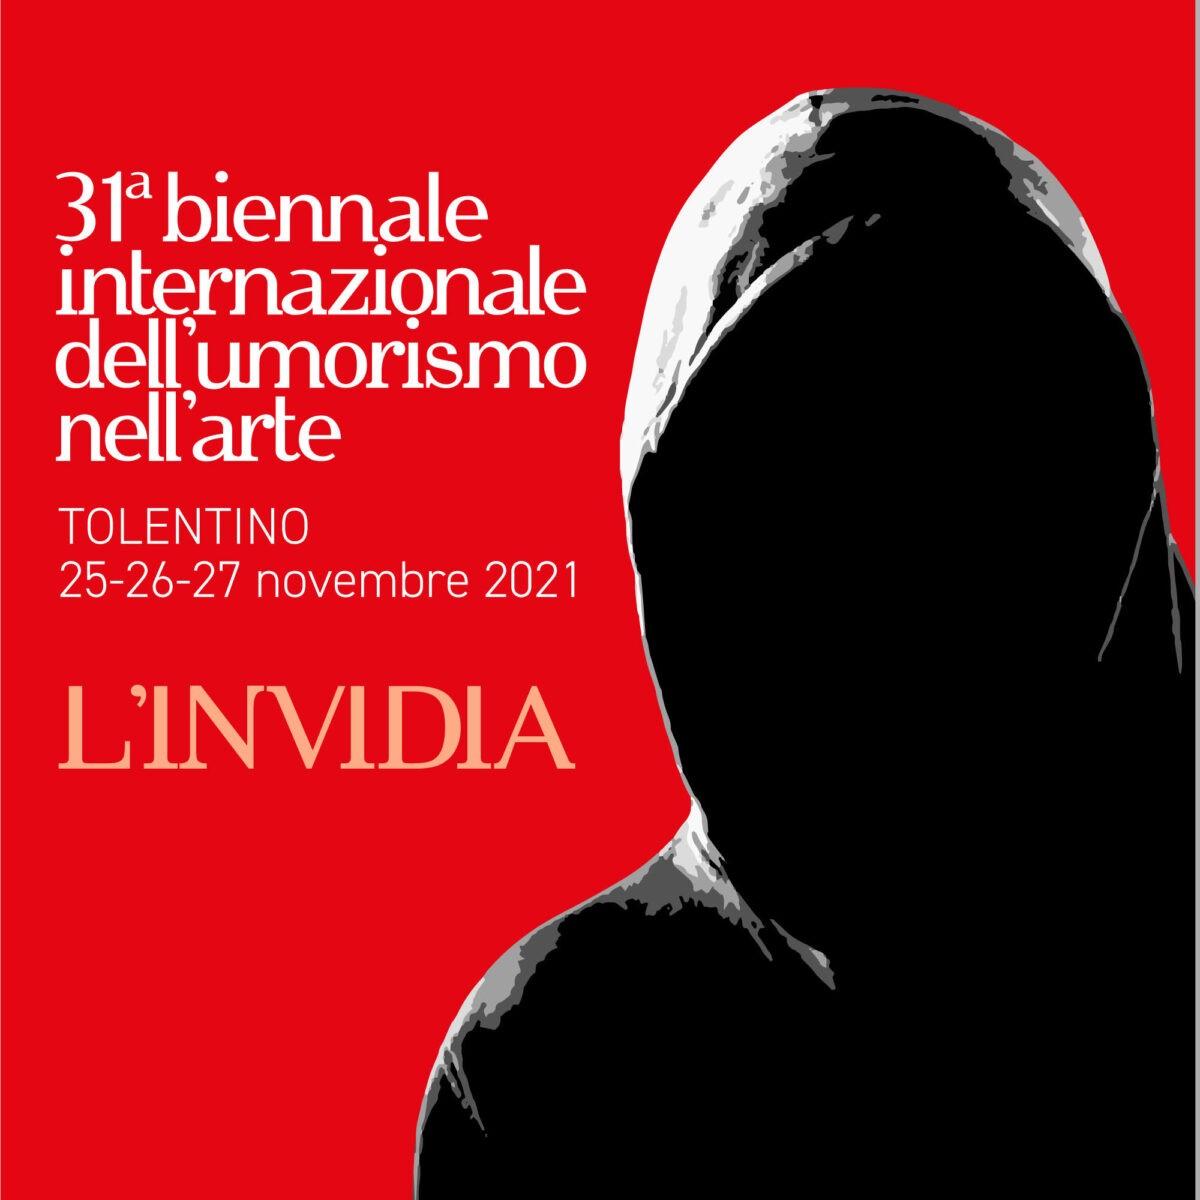 Biennale internazionale dell'umorismo nell'arte 2021